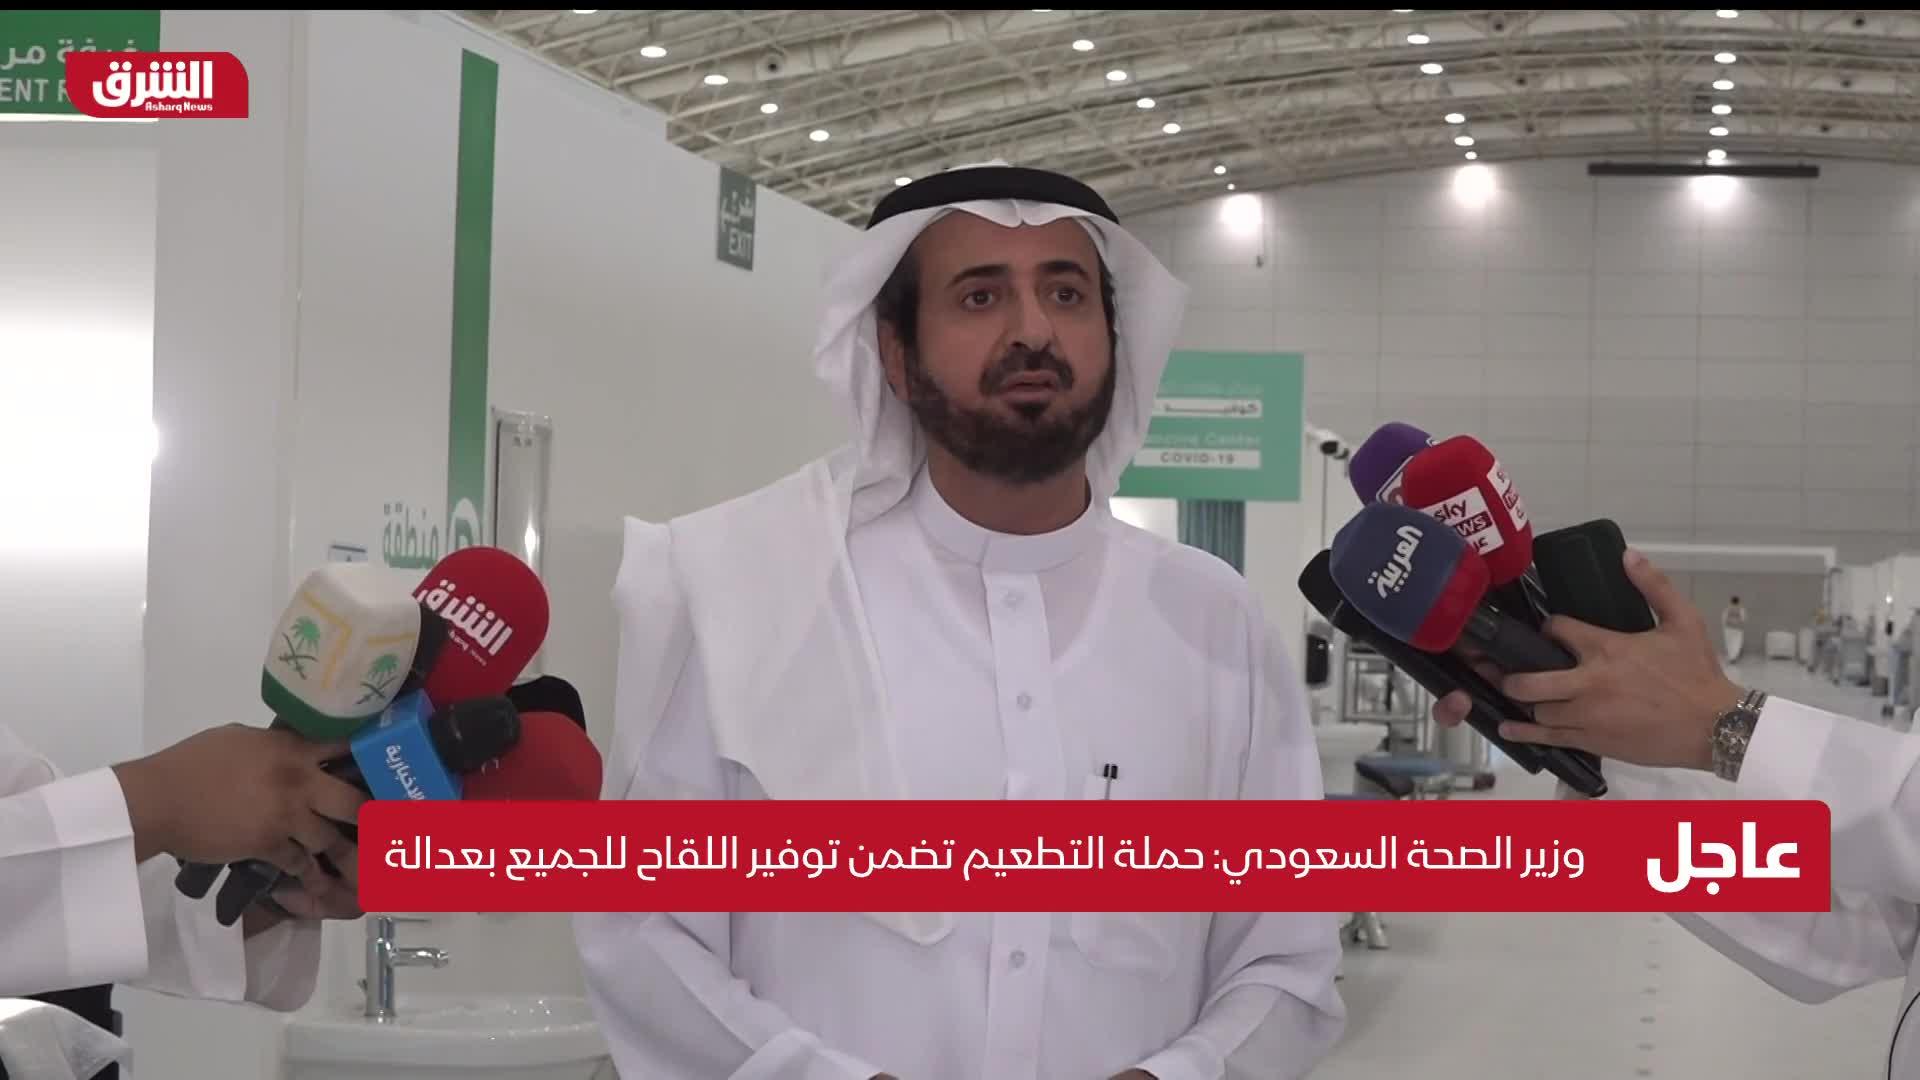 وزير الصحة السعودي: بدأنا أكبر عملية تحصين ضد كورونا بعد حصول المملكة على أكثر اللقاحات أماناً